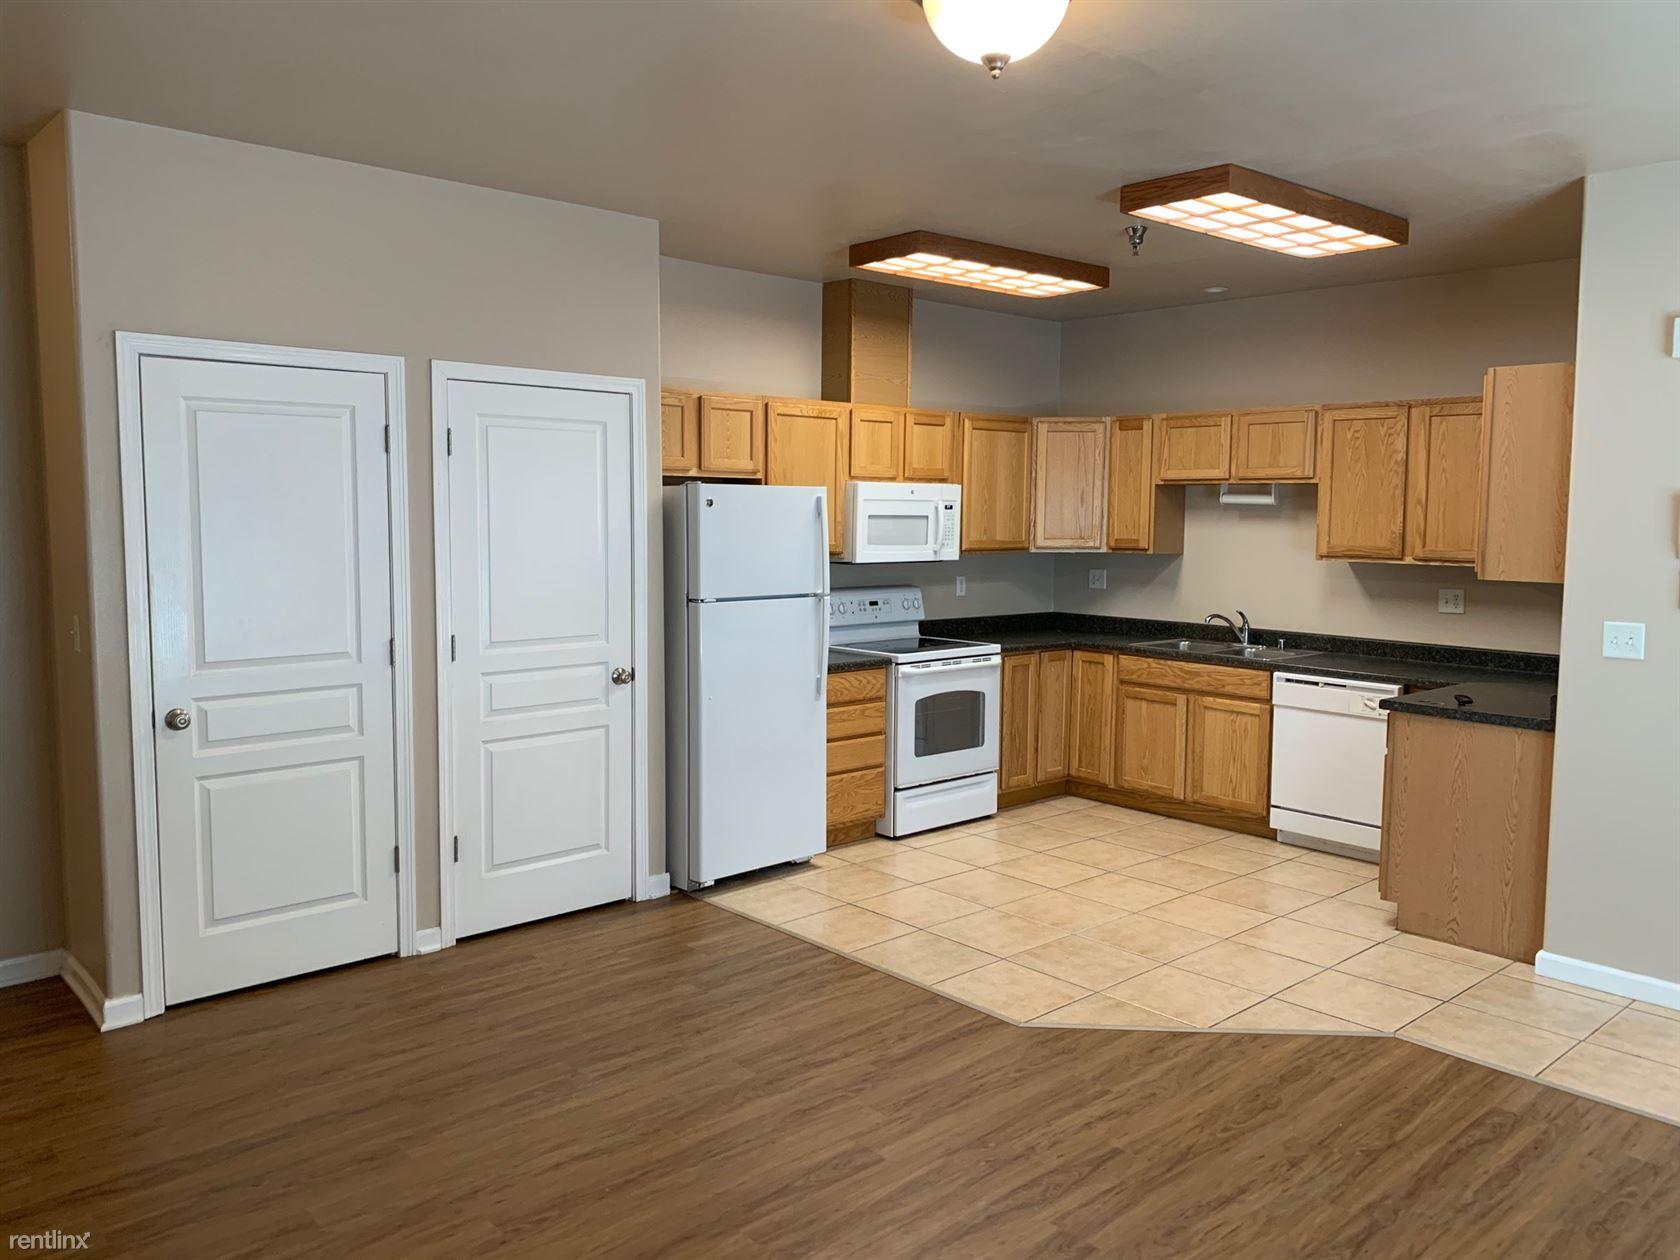 17015 Coronado Street, Anchorage, AK - $1,725 USD/ month